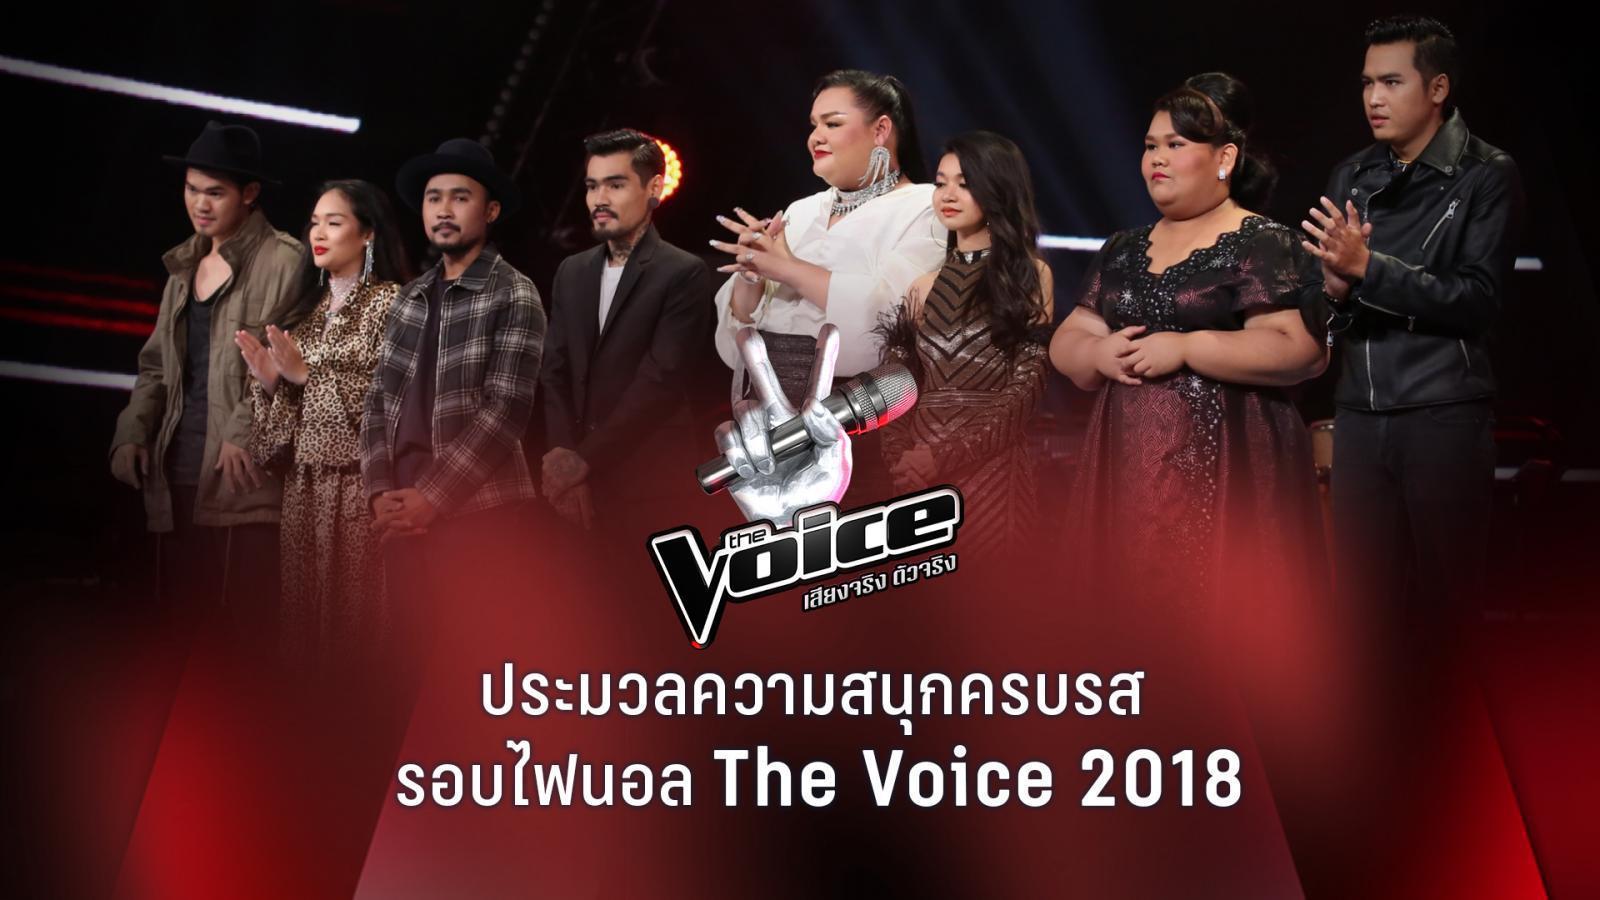 ประมวลความสนุกครบรส รอบไฟนอล The Voice 2018